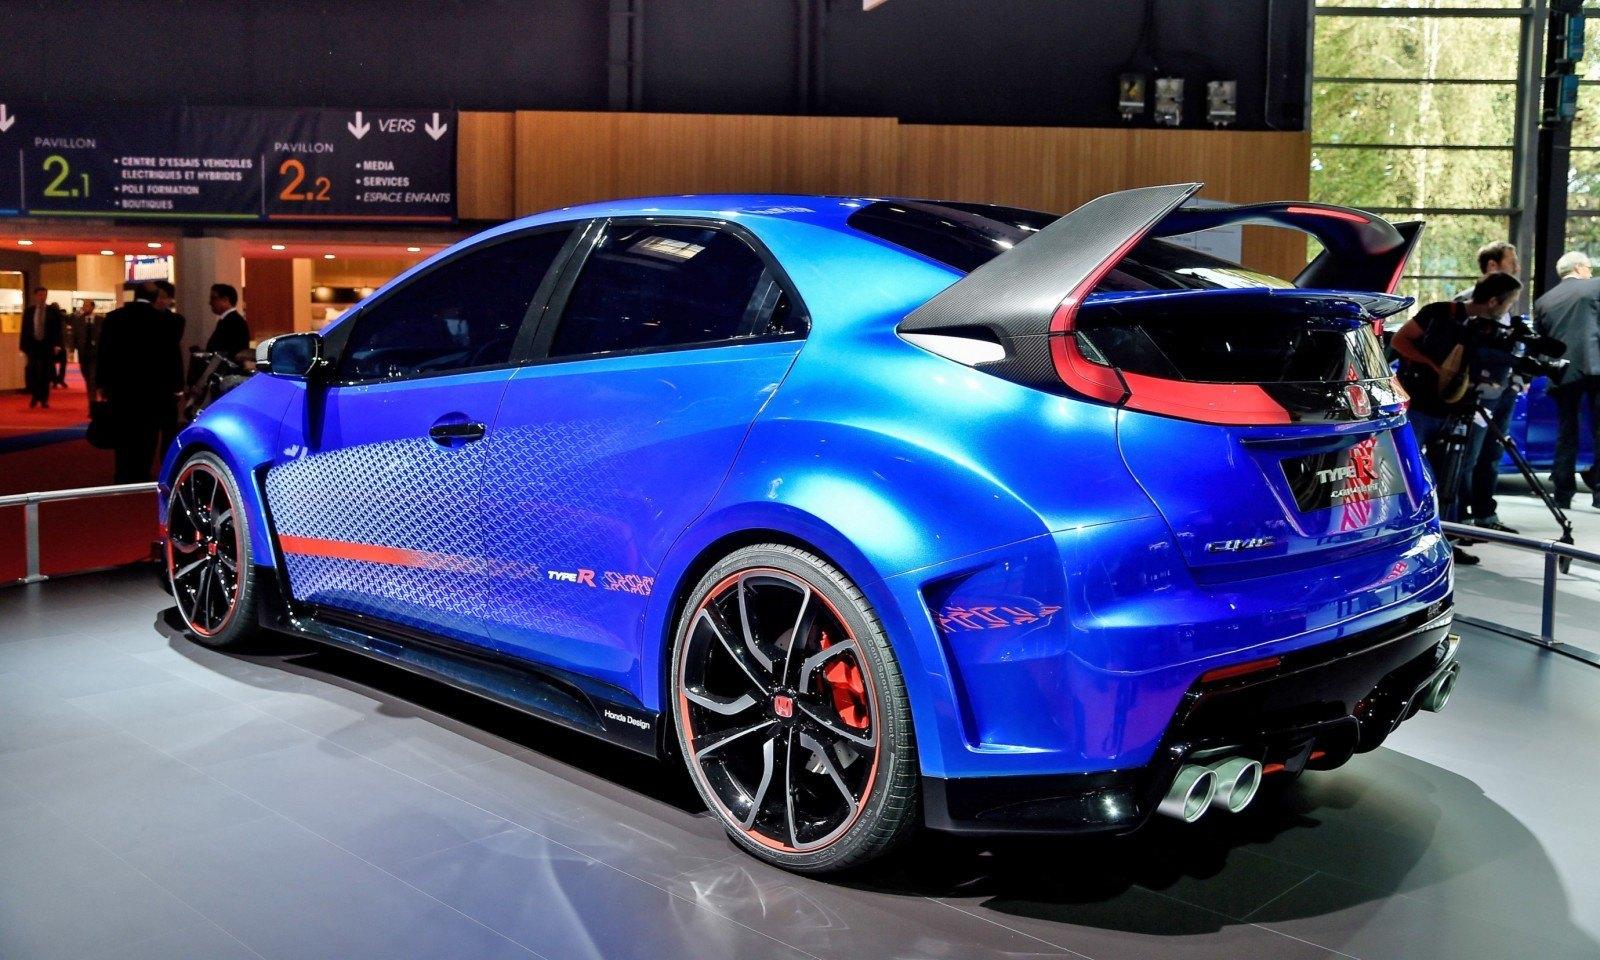 2015 Honda Civic Type R Concept Two Makes Paris Debut 7